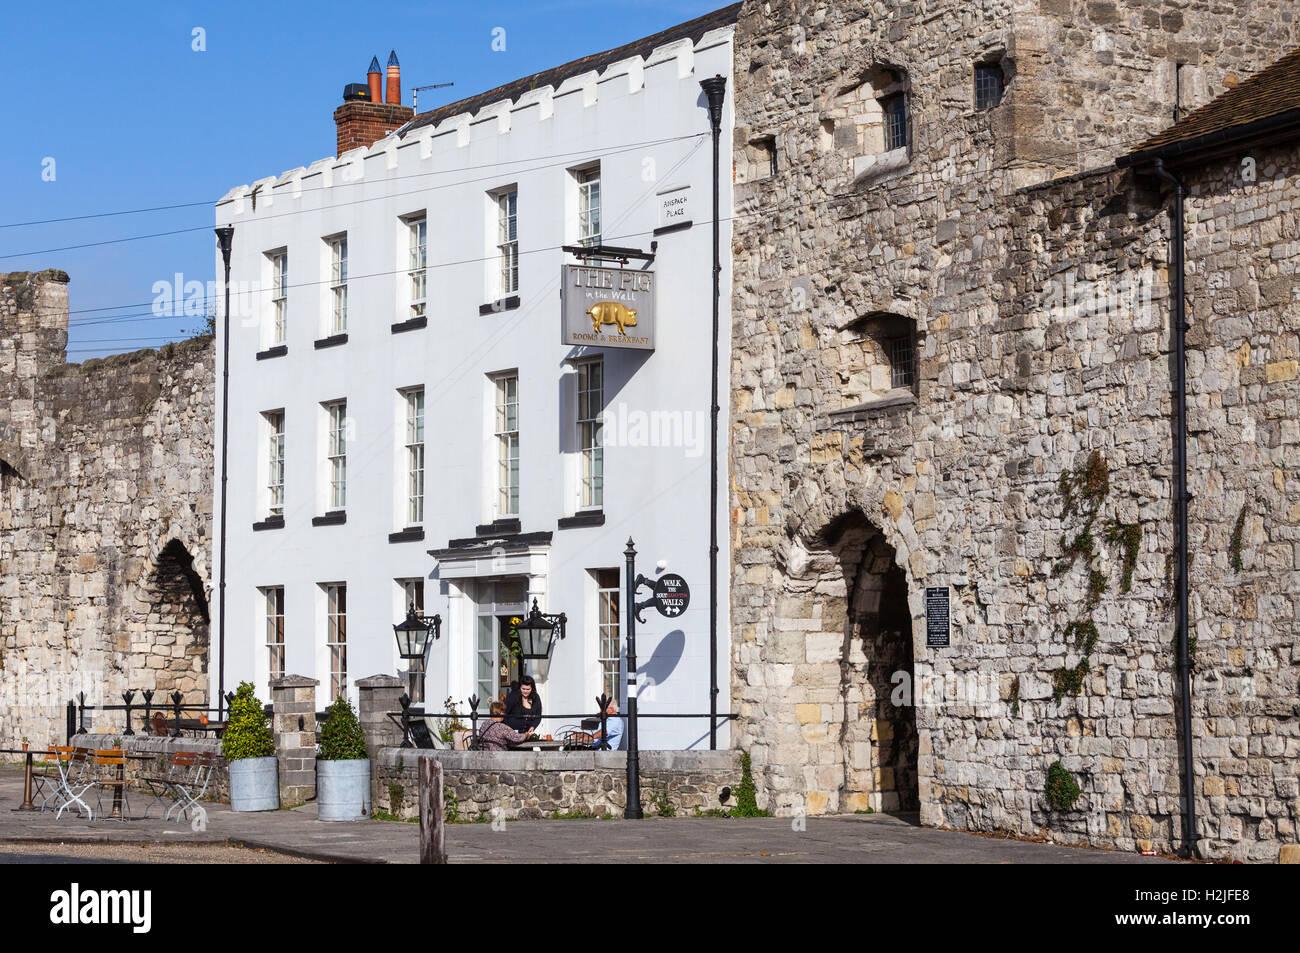 Il maiale nella parete hotel e ristorante boutique situato tra le mura storiche di Southampton Immagini Stock